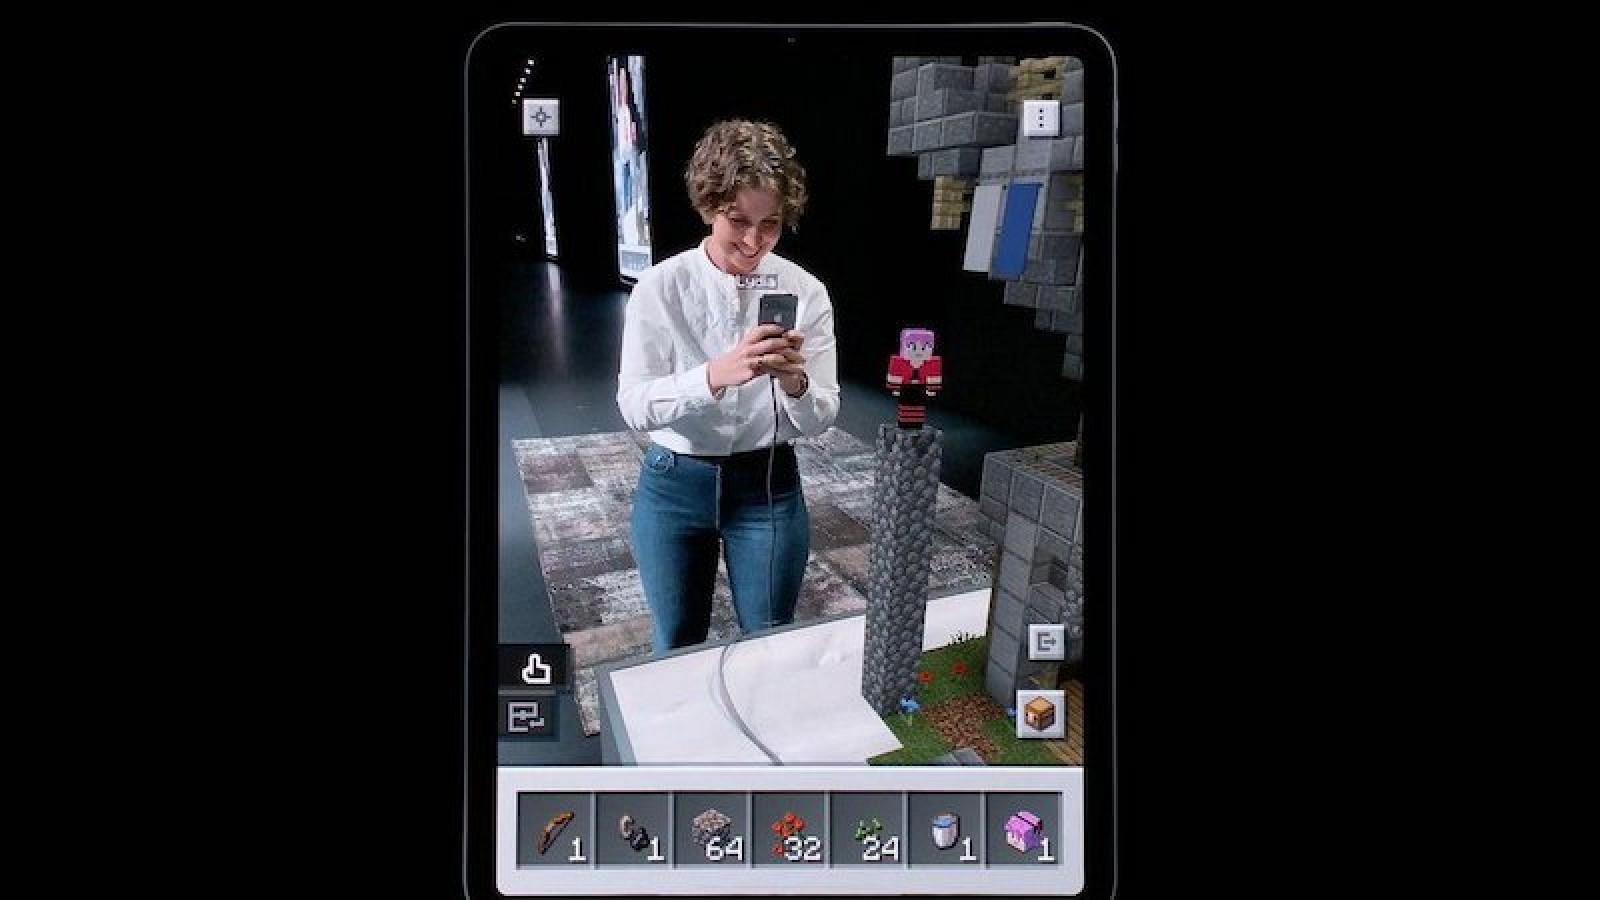 Apple anuncia ARKit 3 con función de oclusión de personas inmersivas, RealityKit y más